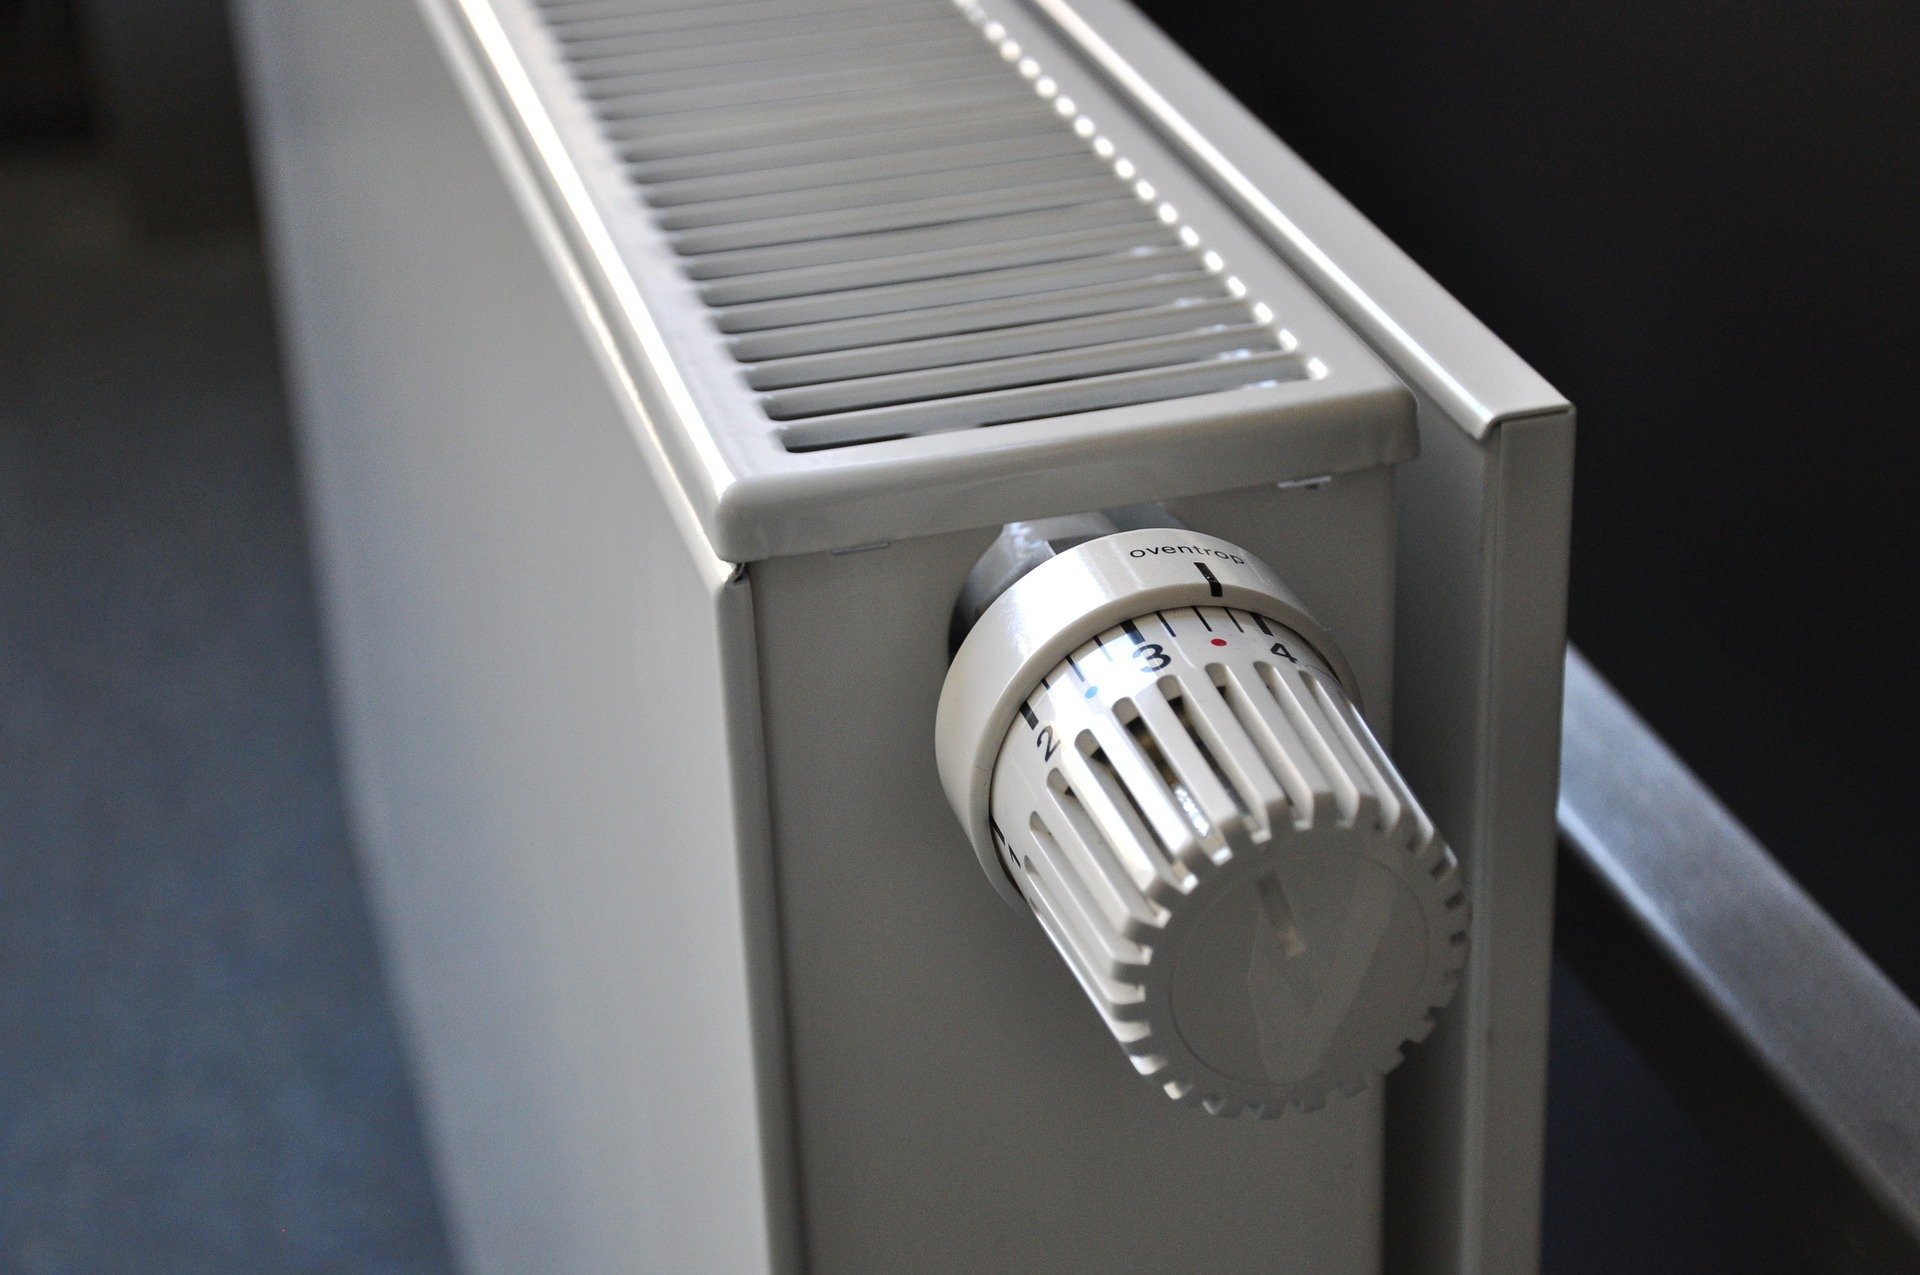 Jednoduché triky, jak ušetřit za topení